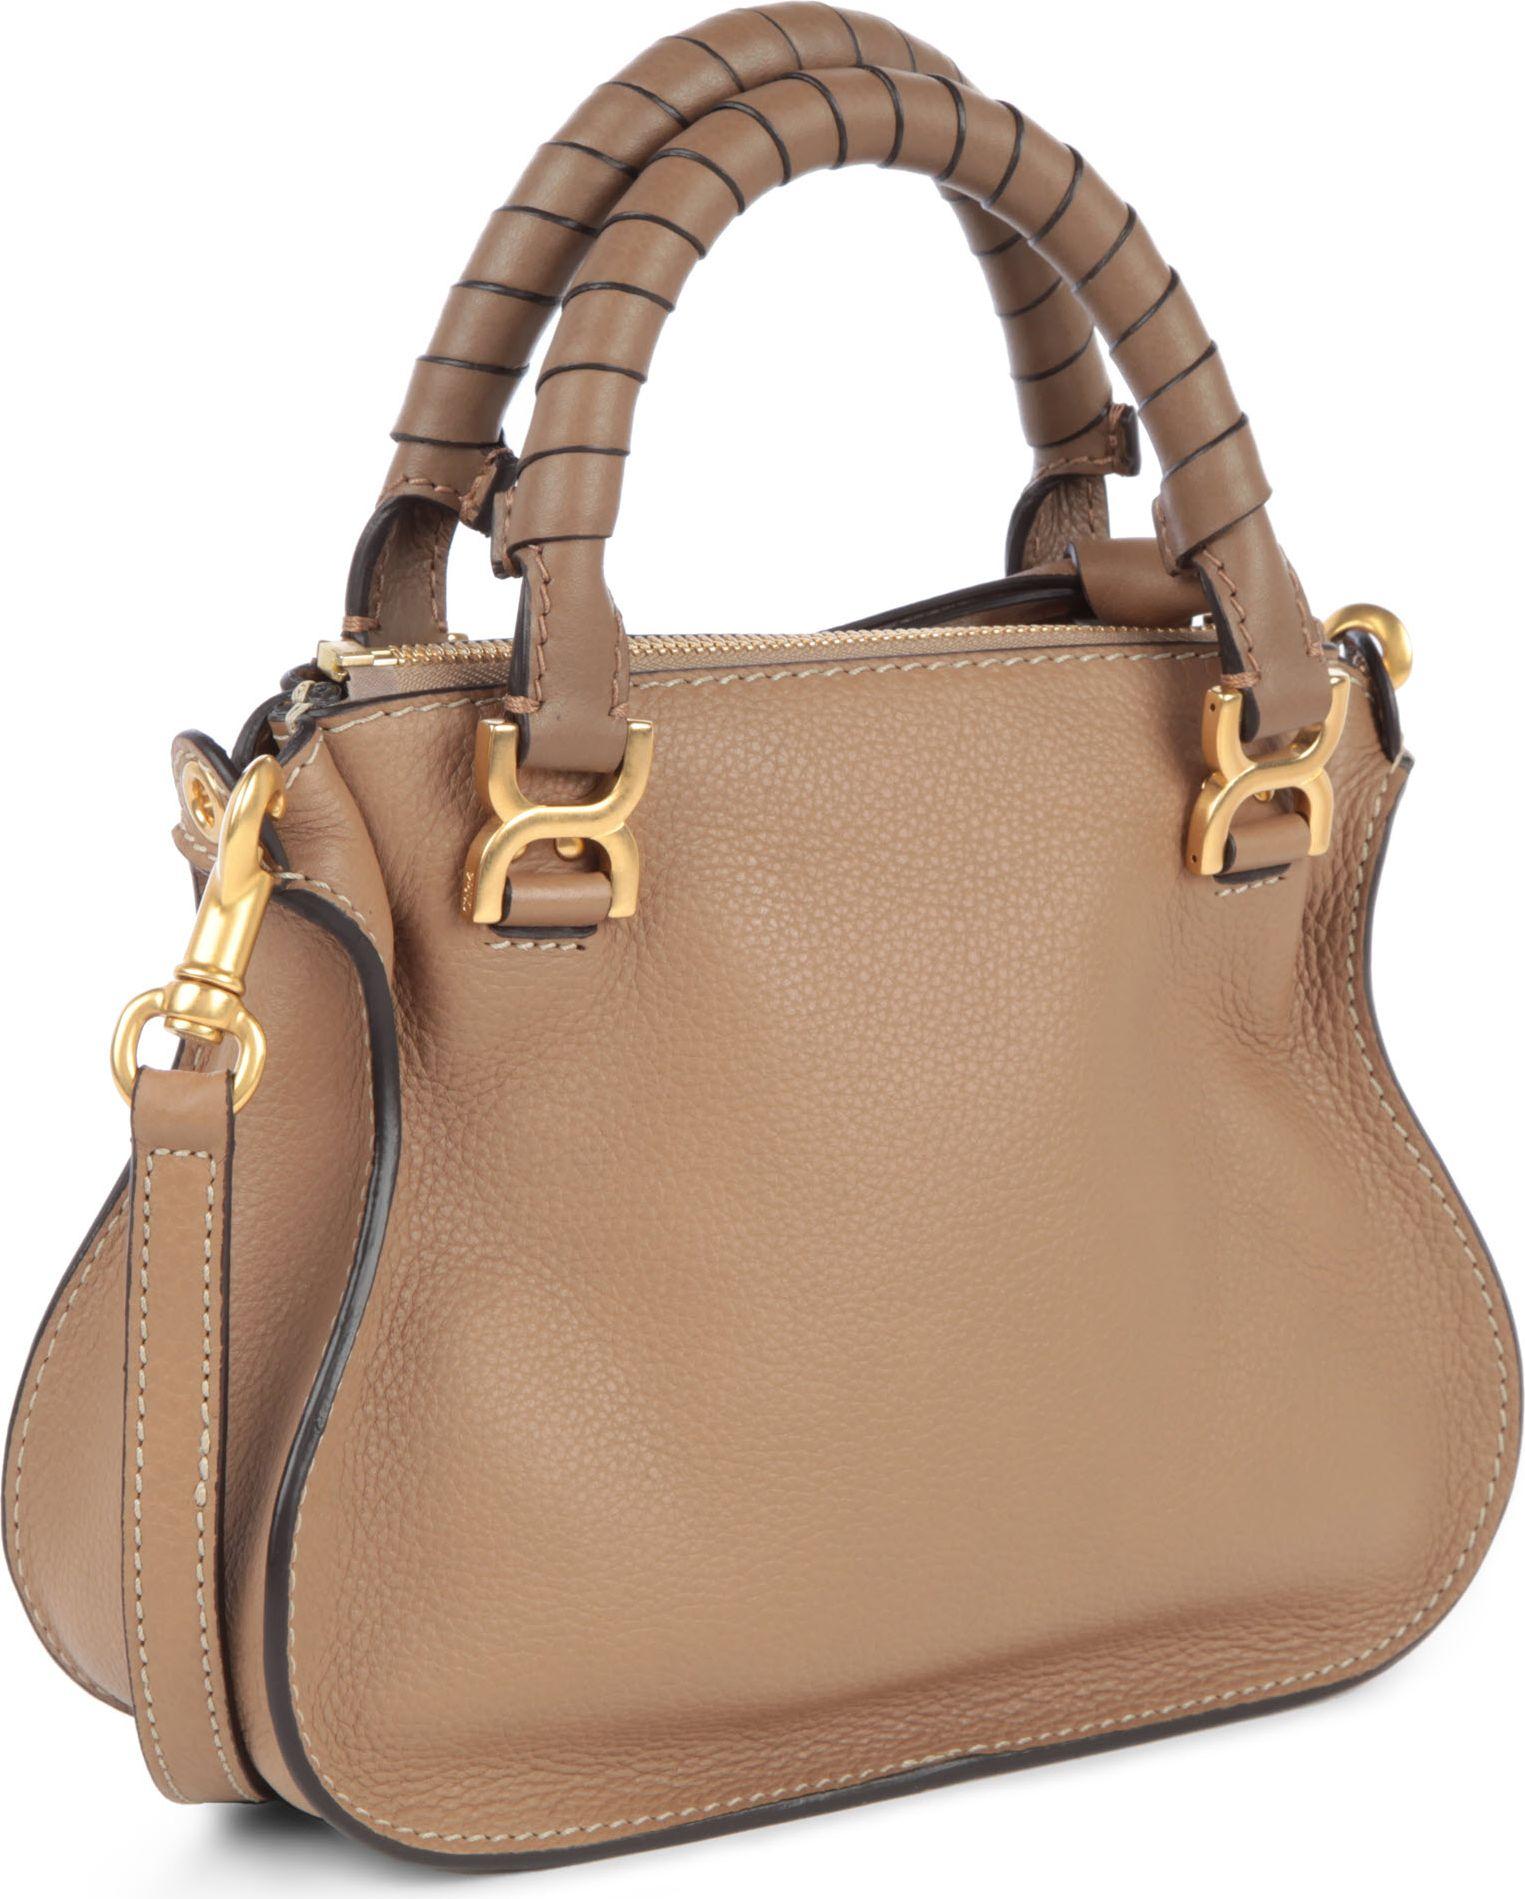 Chlo¨¦ Marcie Mini Crossbody Bag in Brown (nut) | Lyst